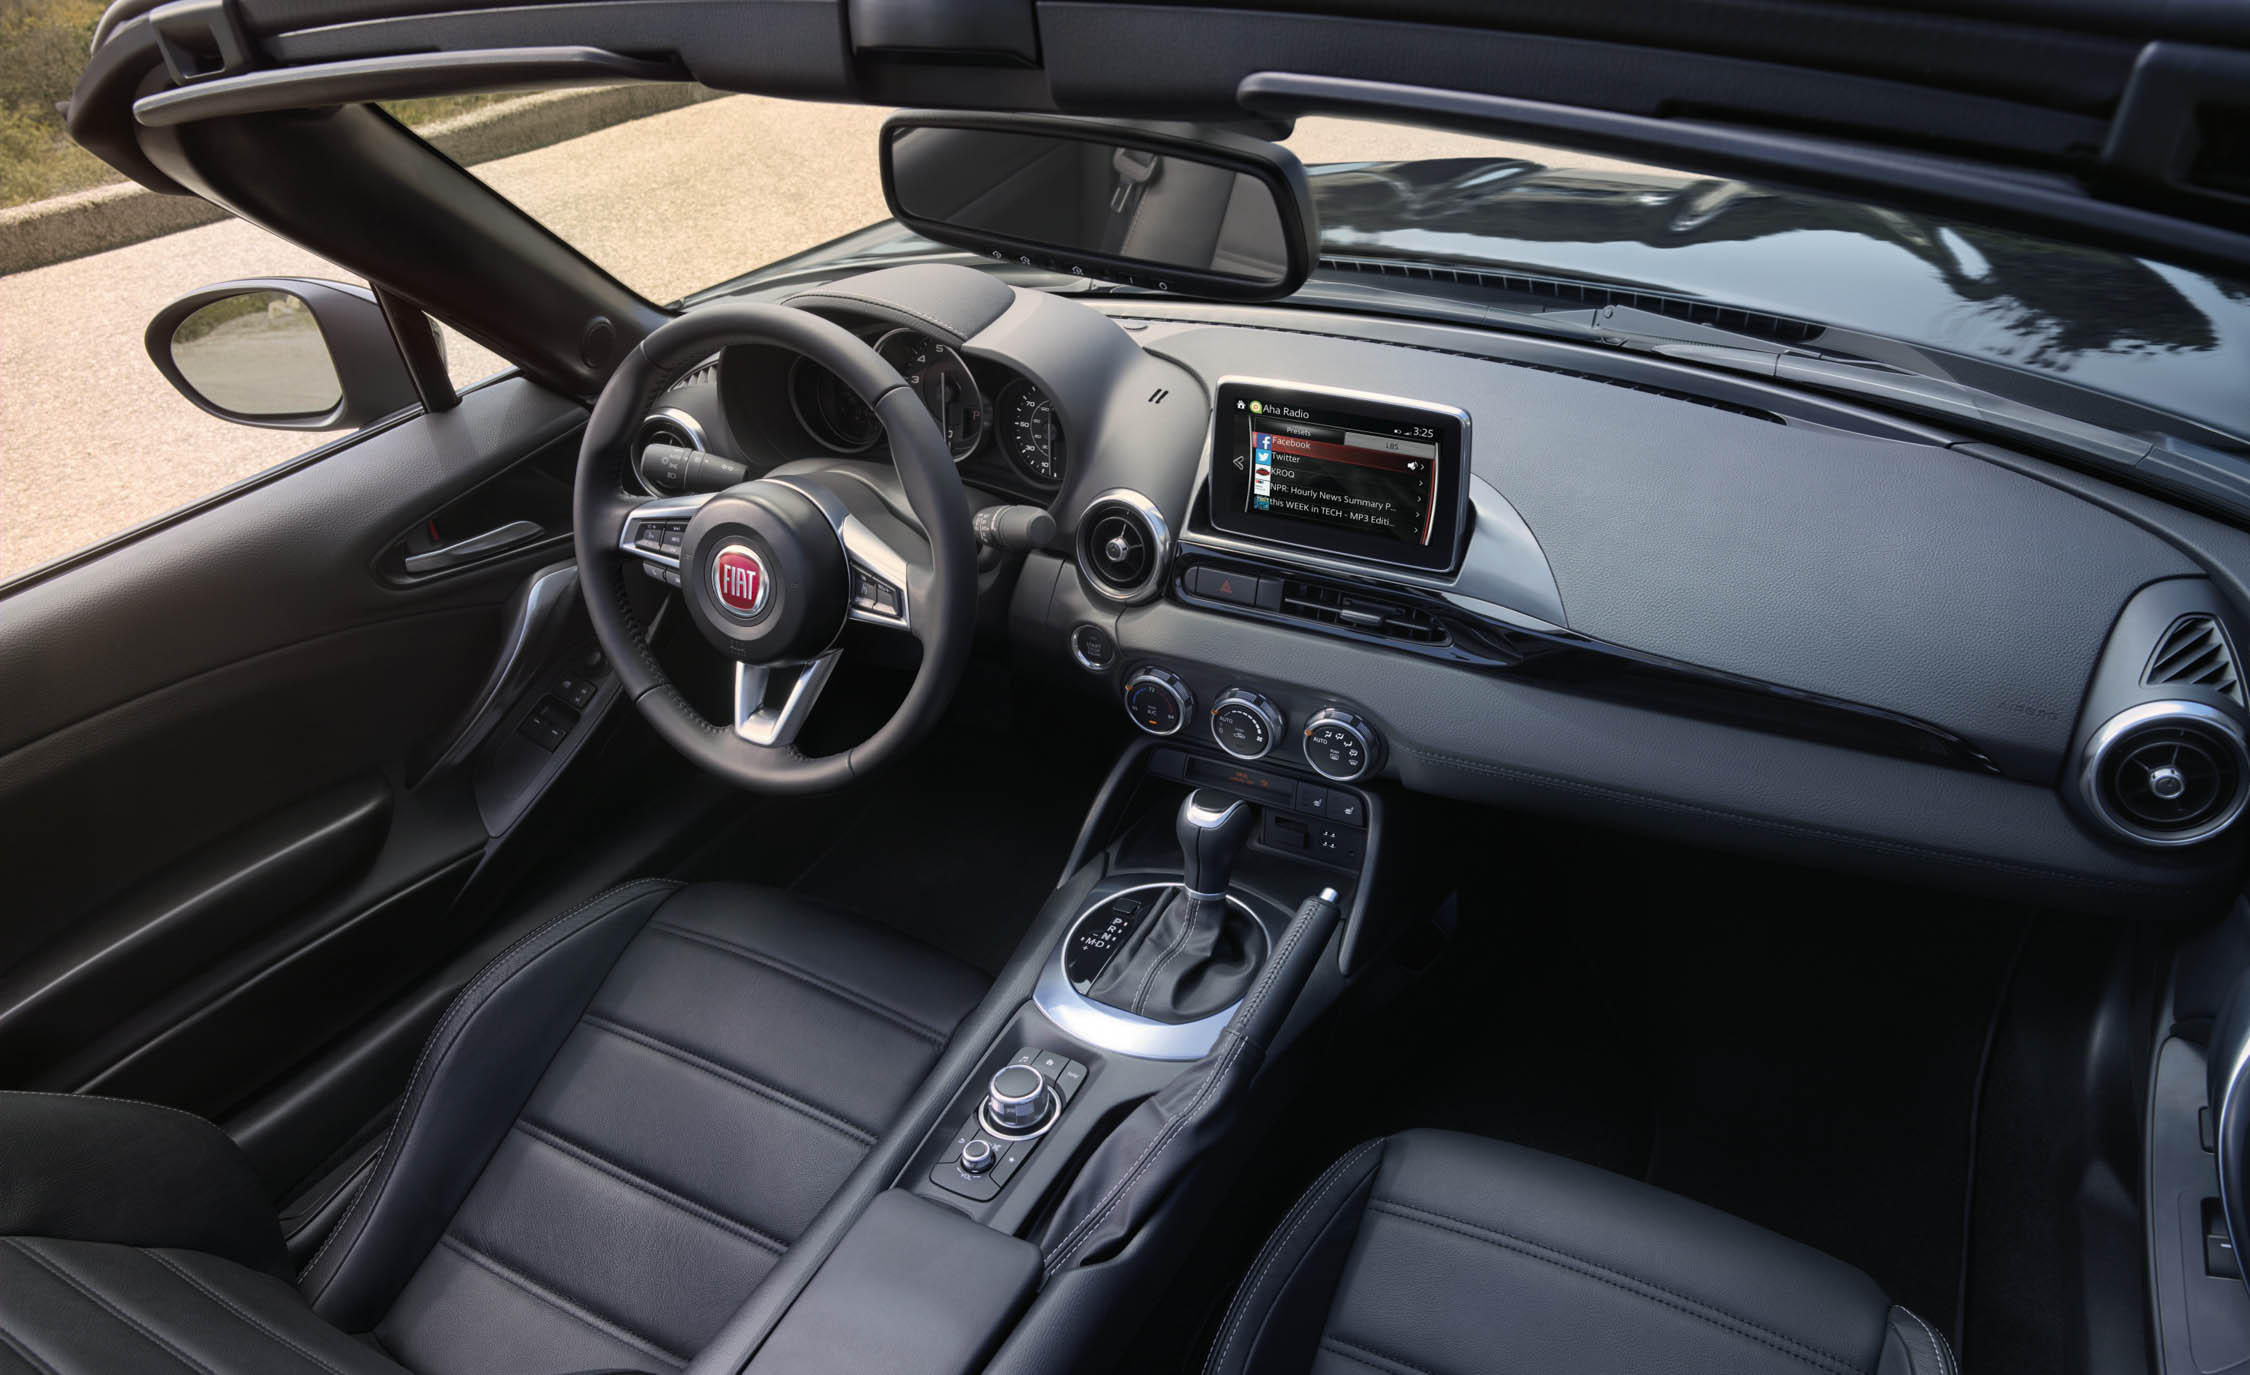 2017 Fiat 124 Spider Dashboard Interior